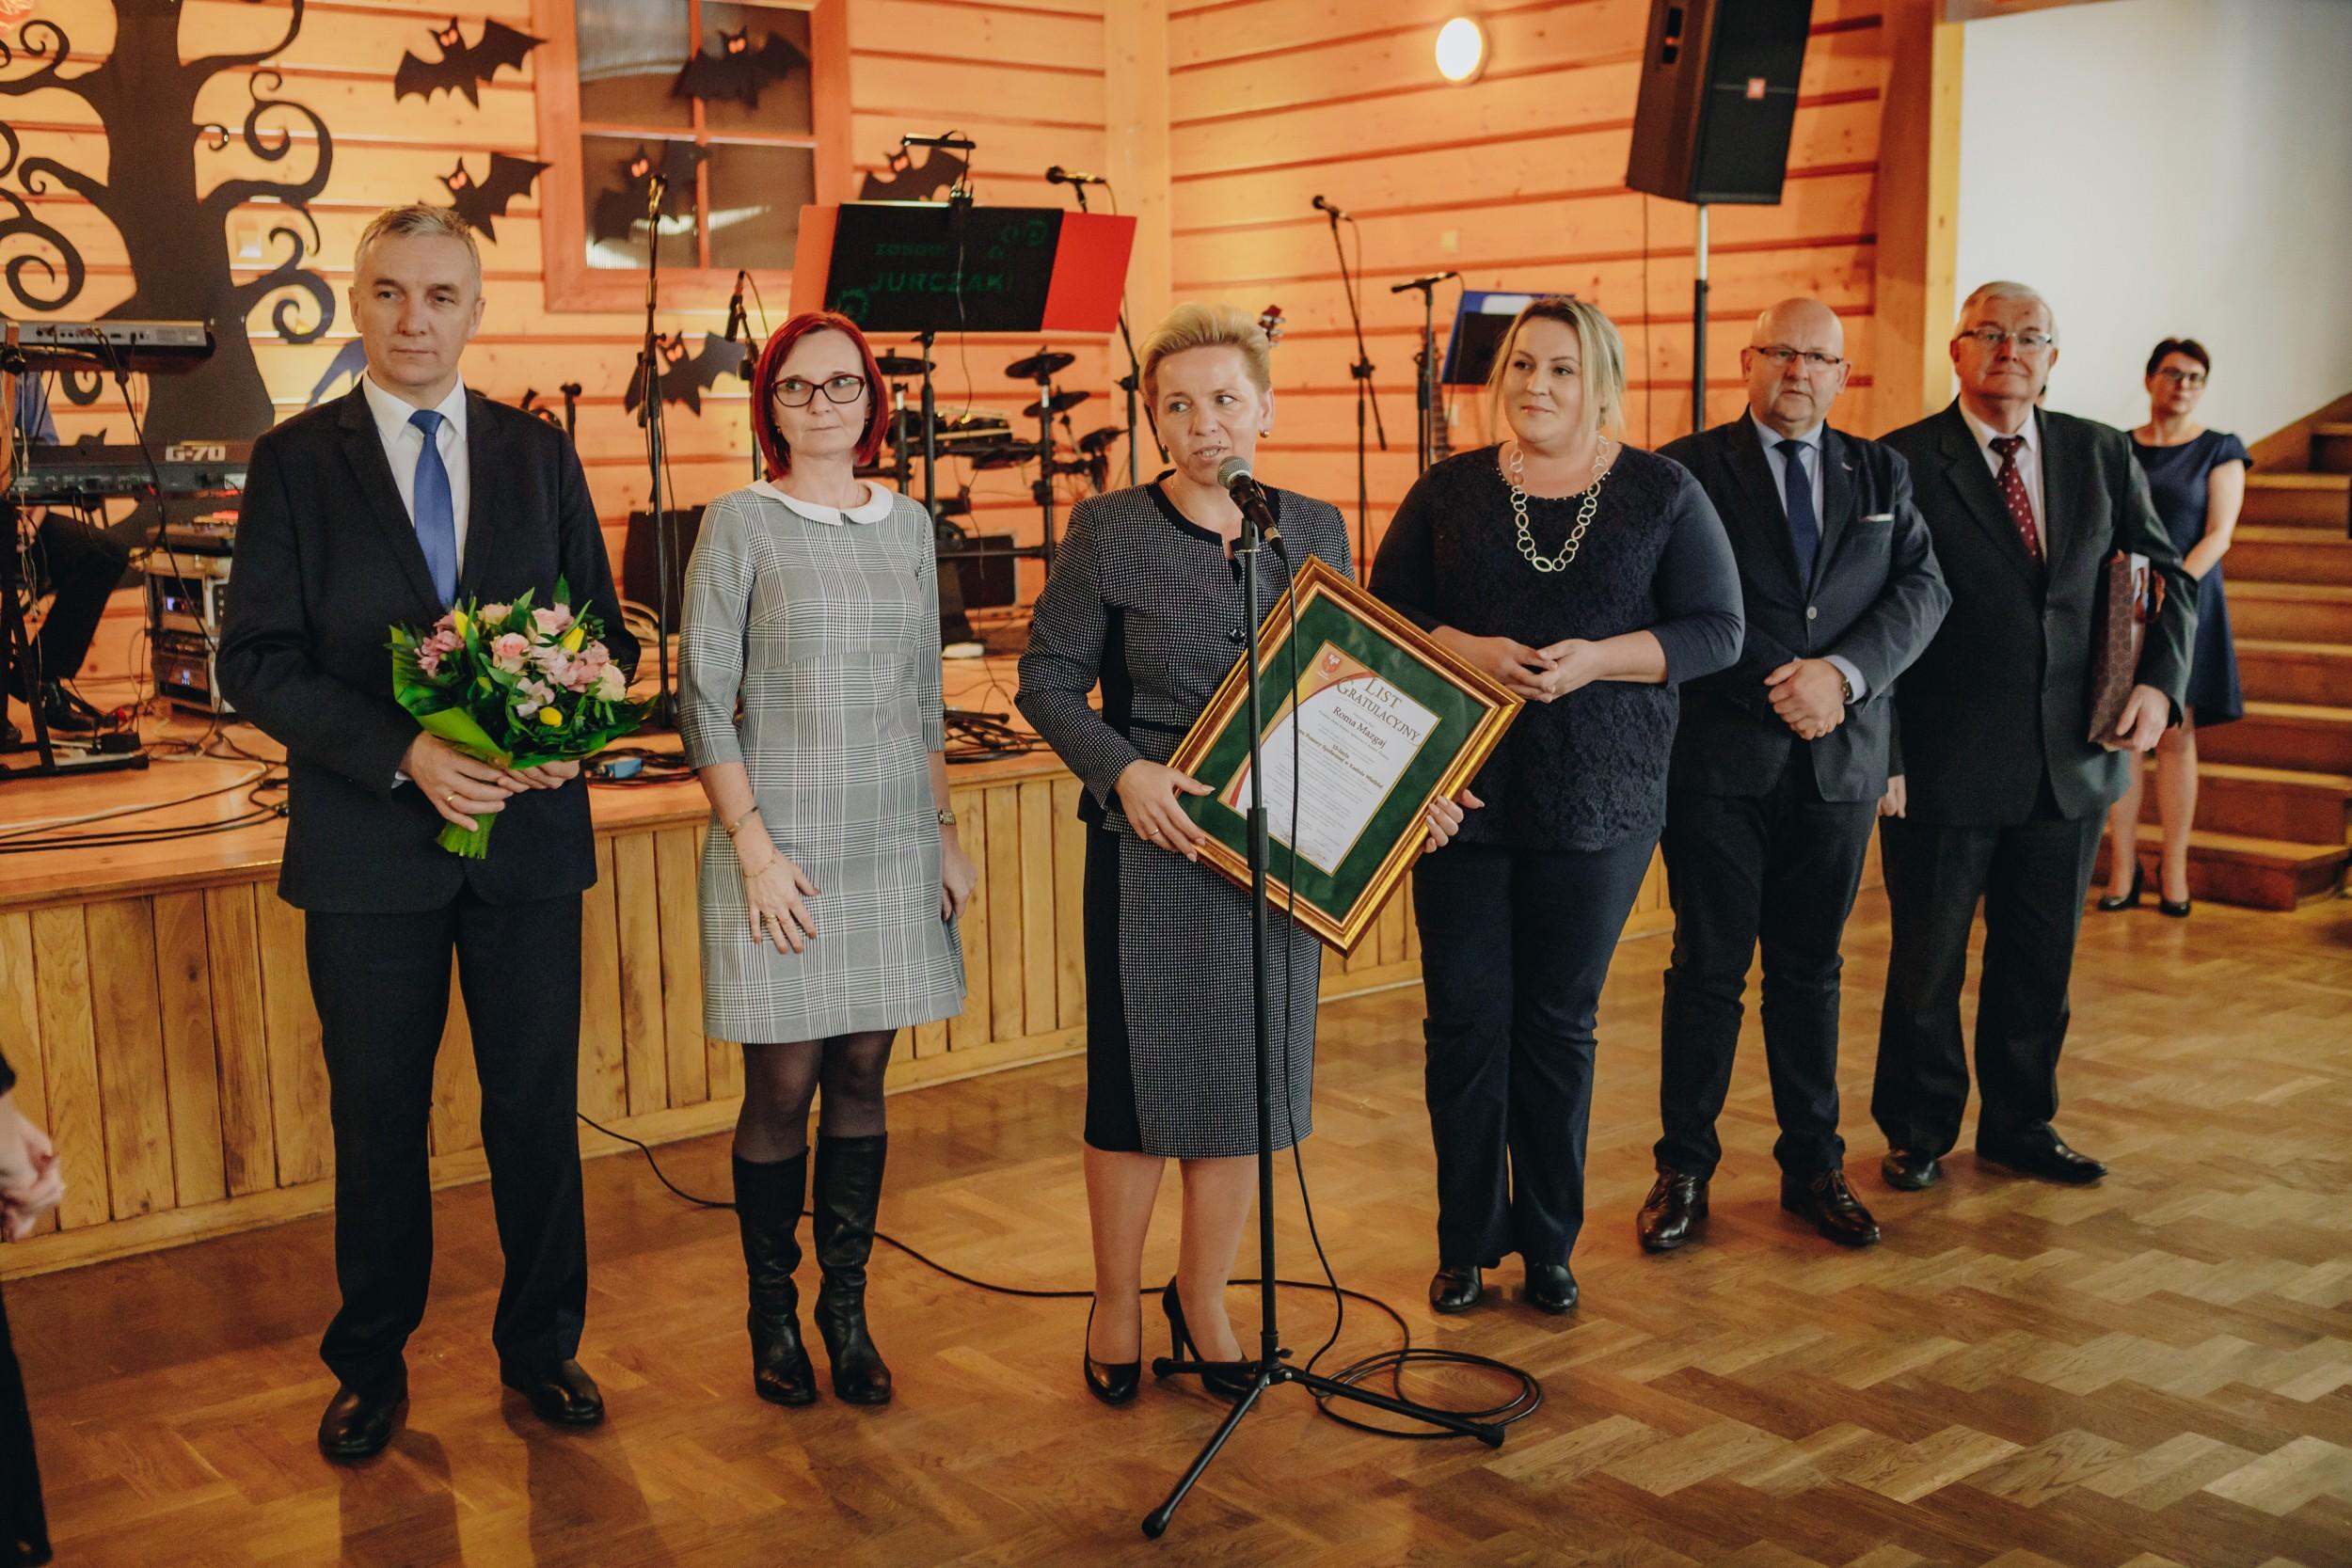 Wicestarosta Limanowski Agata Zięba wraz z Zarządem i Radą składają zyczenia i gratulacje dla Pani Dyrektor DPS w Kasinie Wielkiej